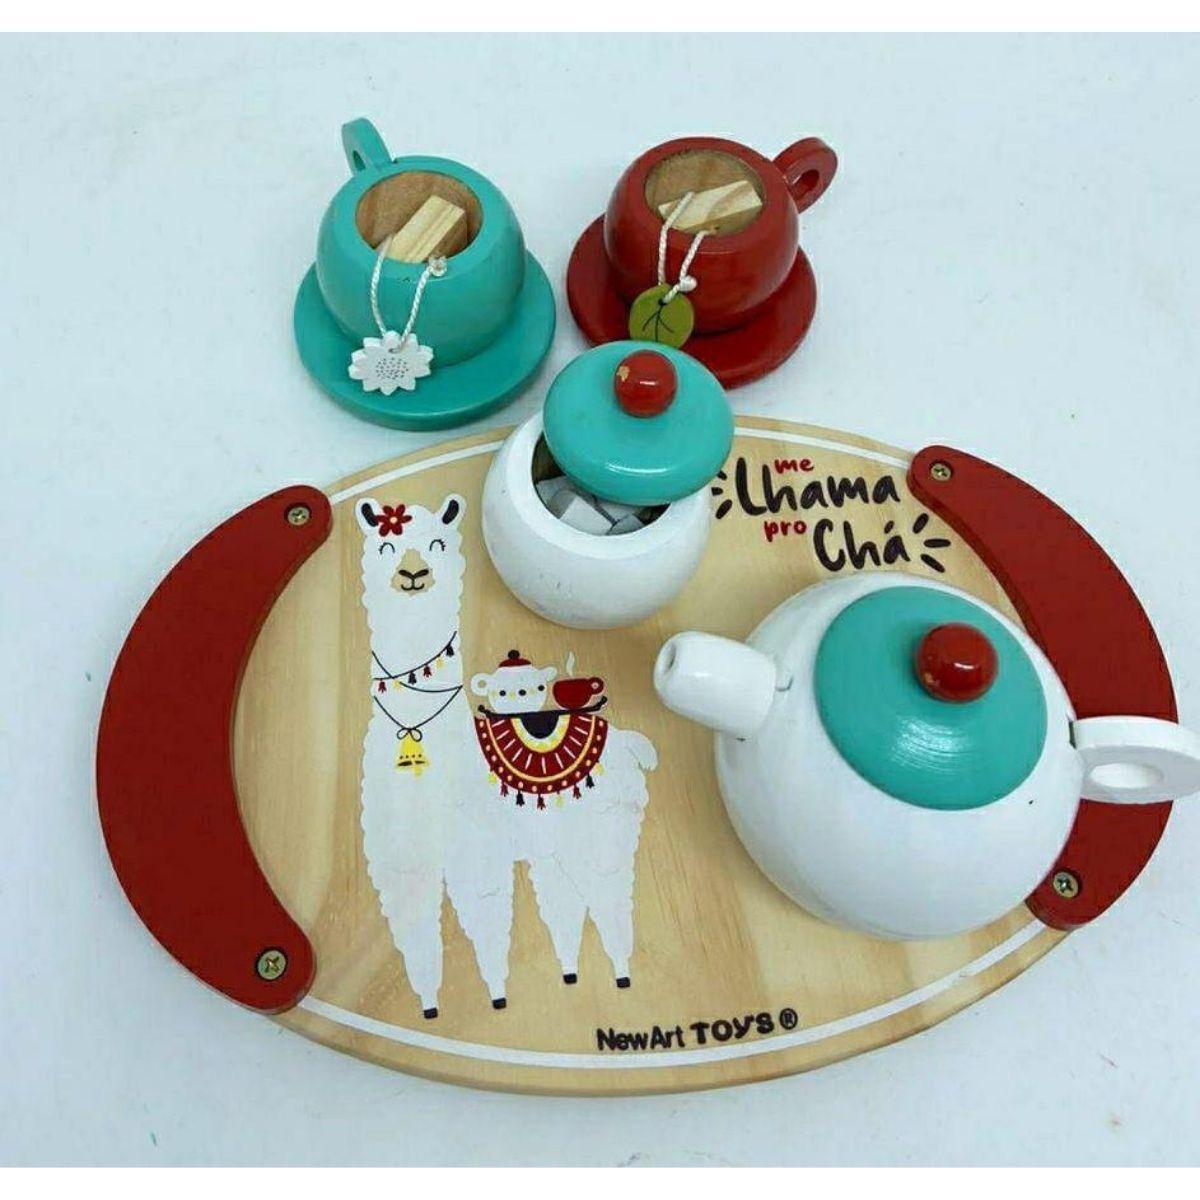 Kit Chá Comidinha de Brinquedo de Madeira